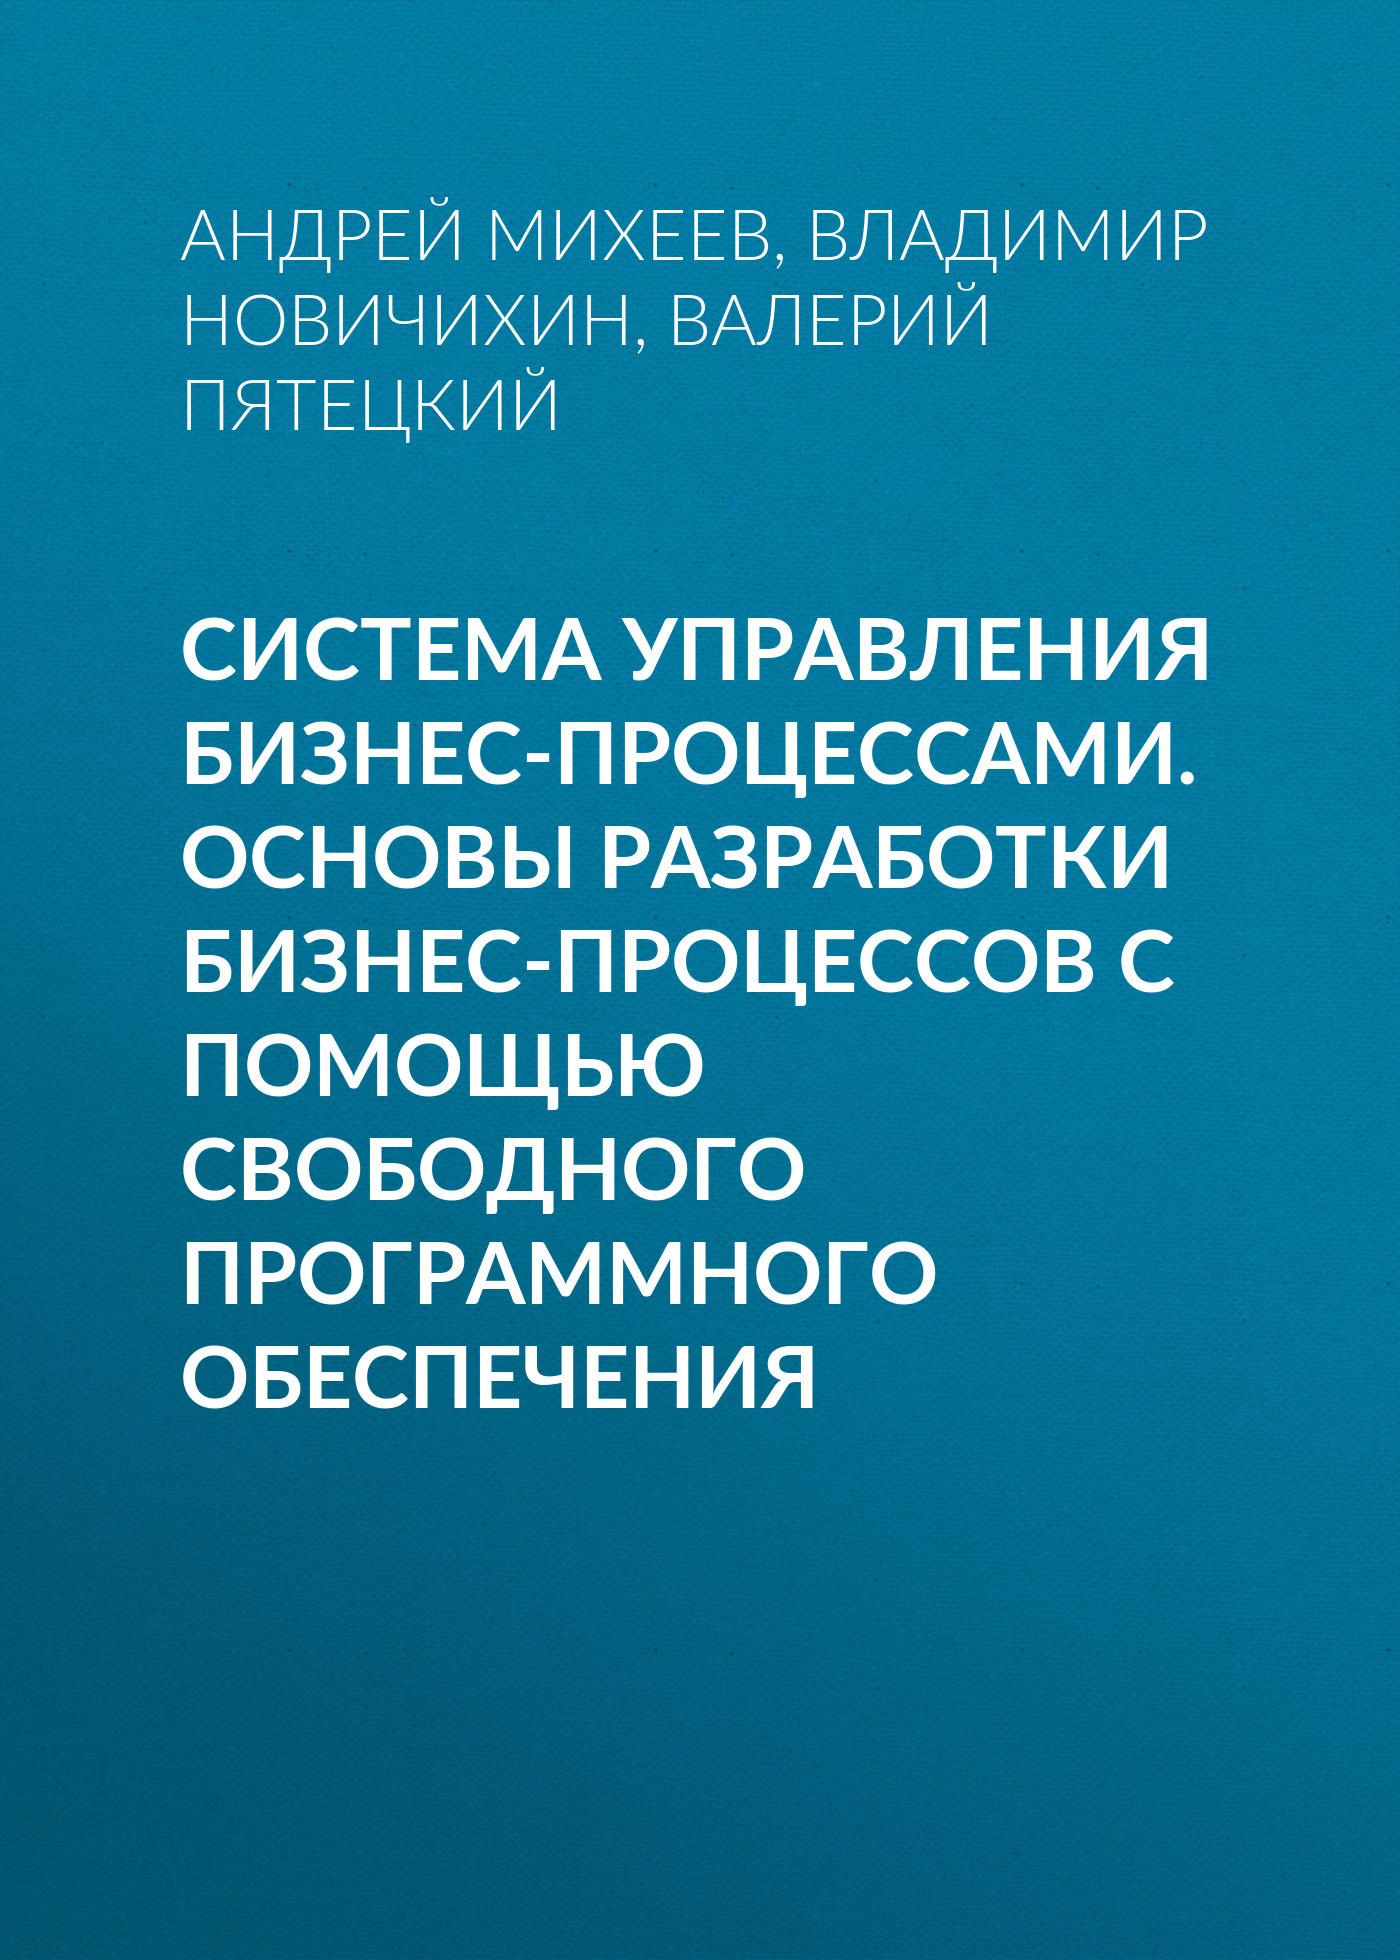 Валерий Пятецкий Система управления бизнес-процессами. Основы разработки бизнес-процессов с помощью свободного программного обеспечения бизнес